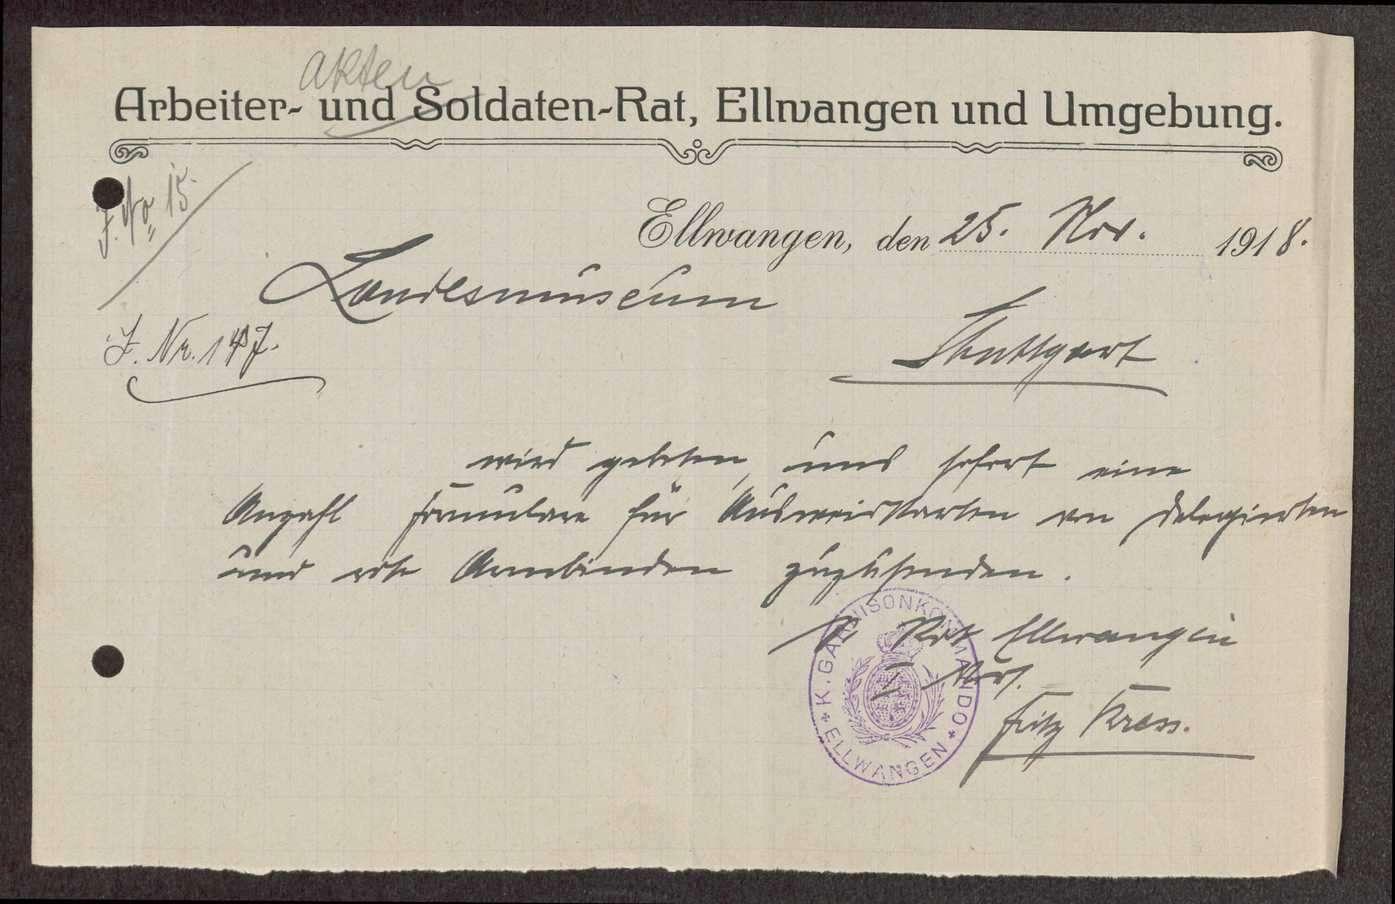 Garnisonsrat Ellwangen: Bildung, Wahl und Zusammensetzung, Aufhebung, Bild 2